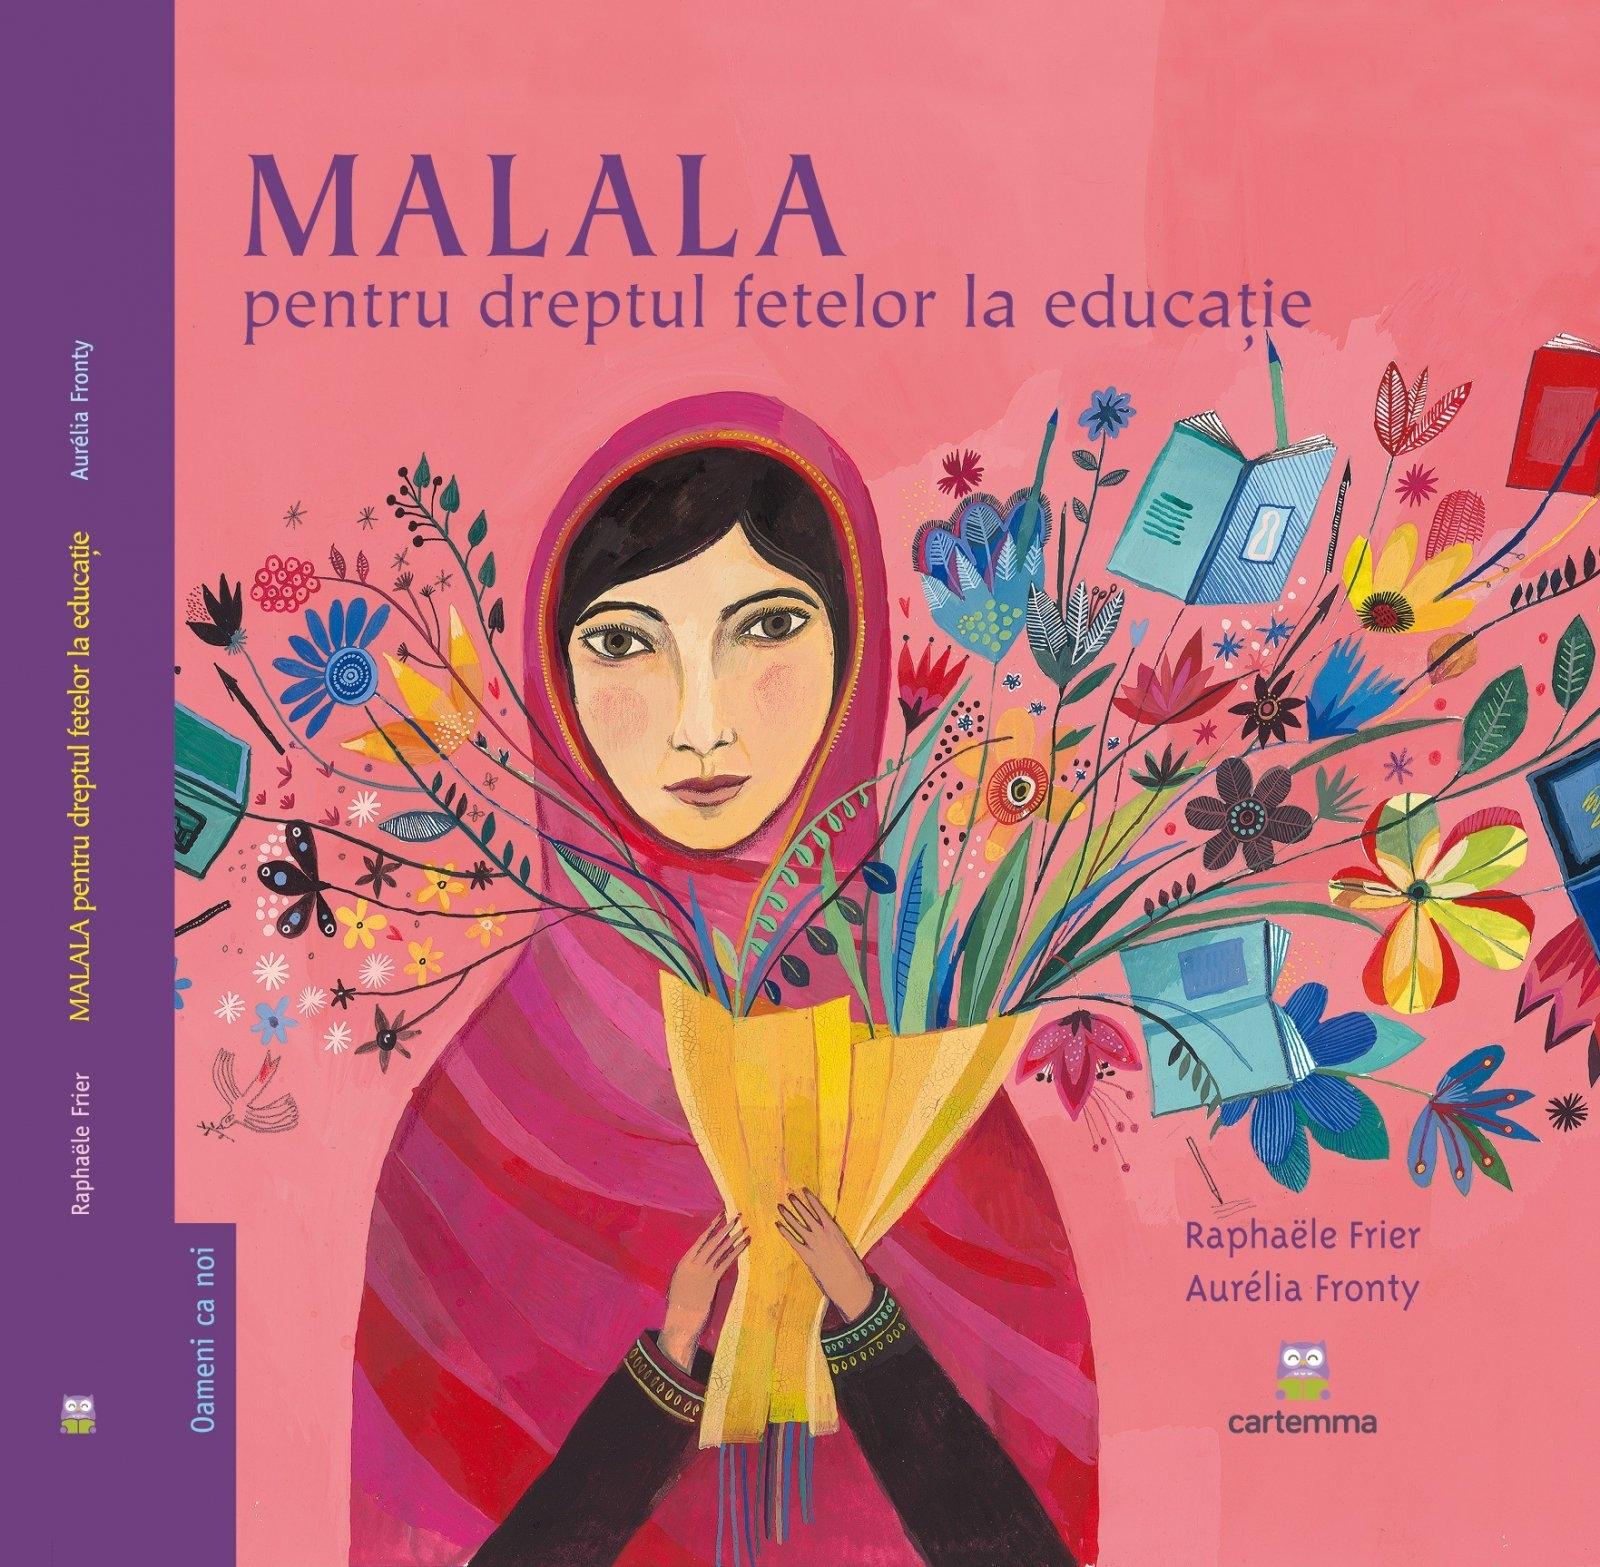 Carte Malala pentru dreptul fetelor la educatie - Raphaele Frier somproduct.ro